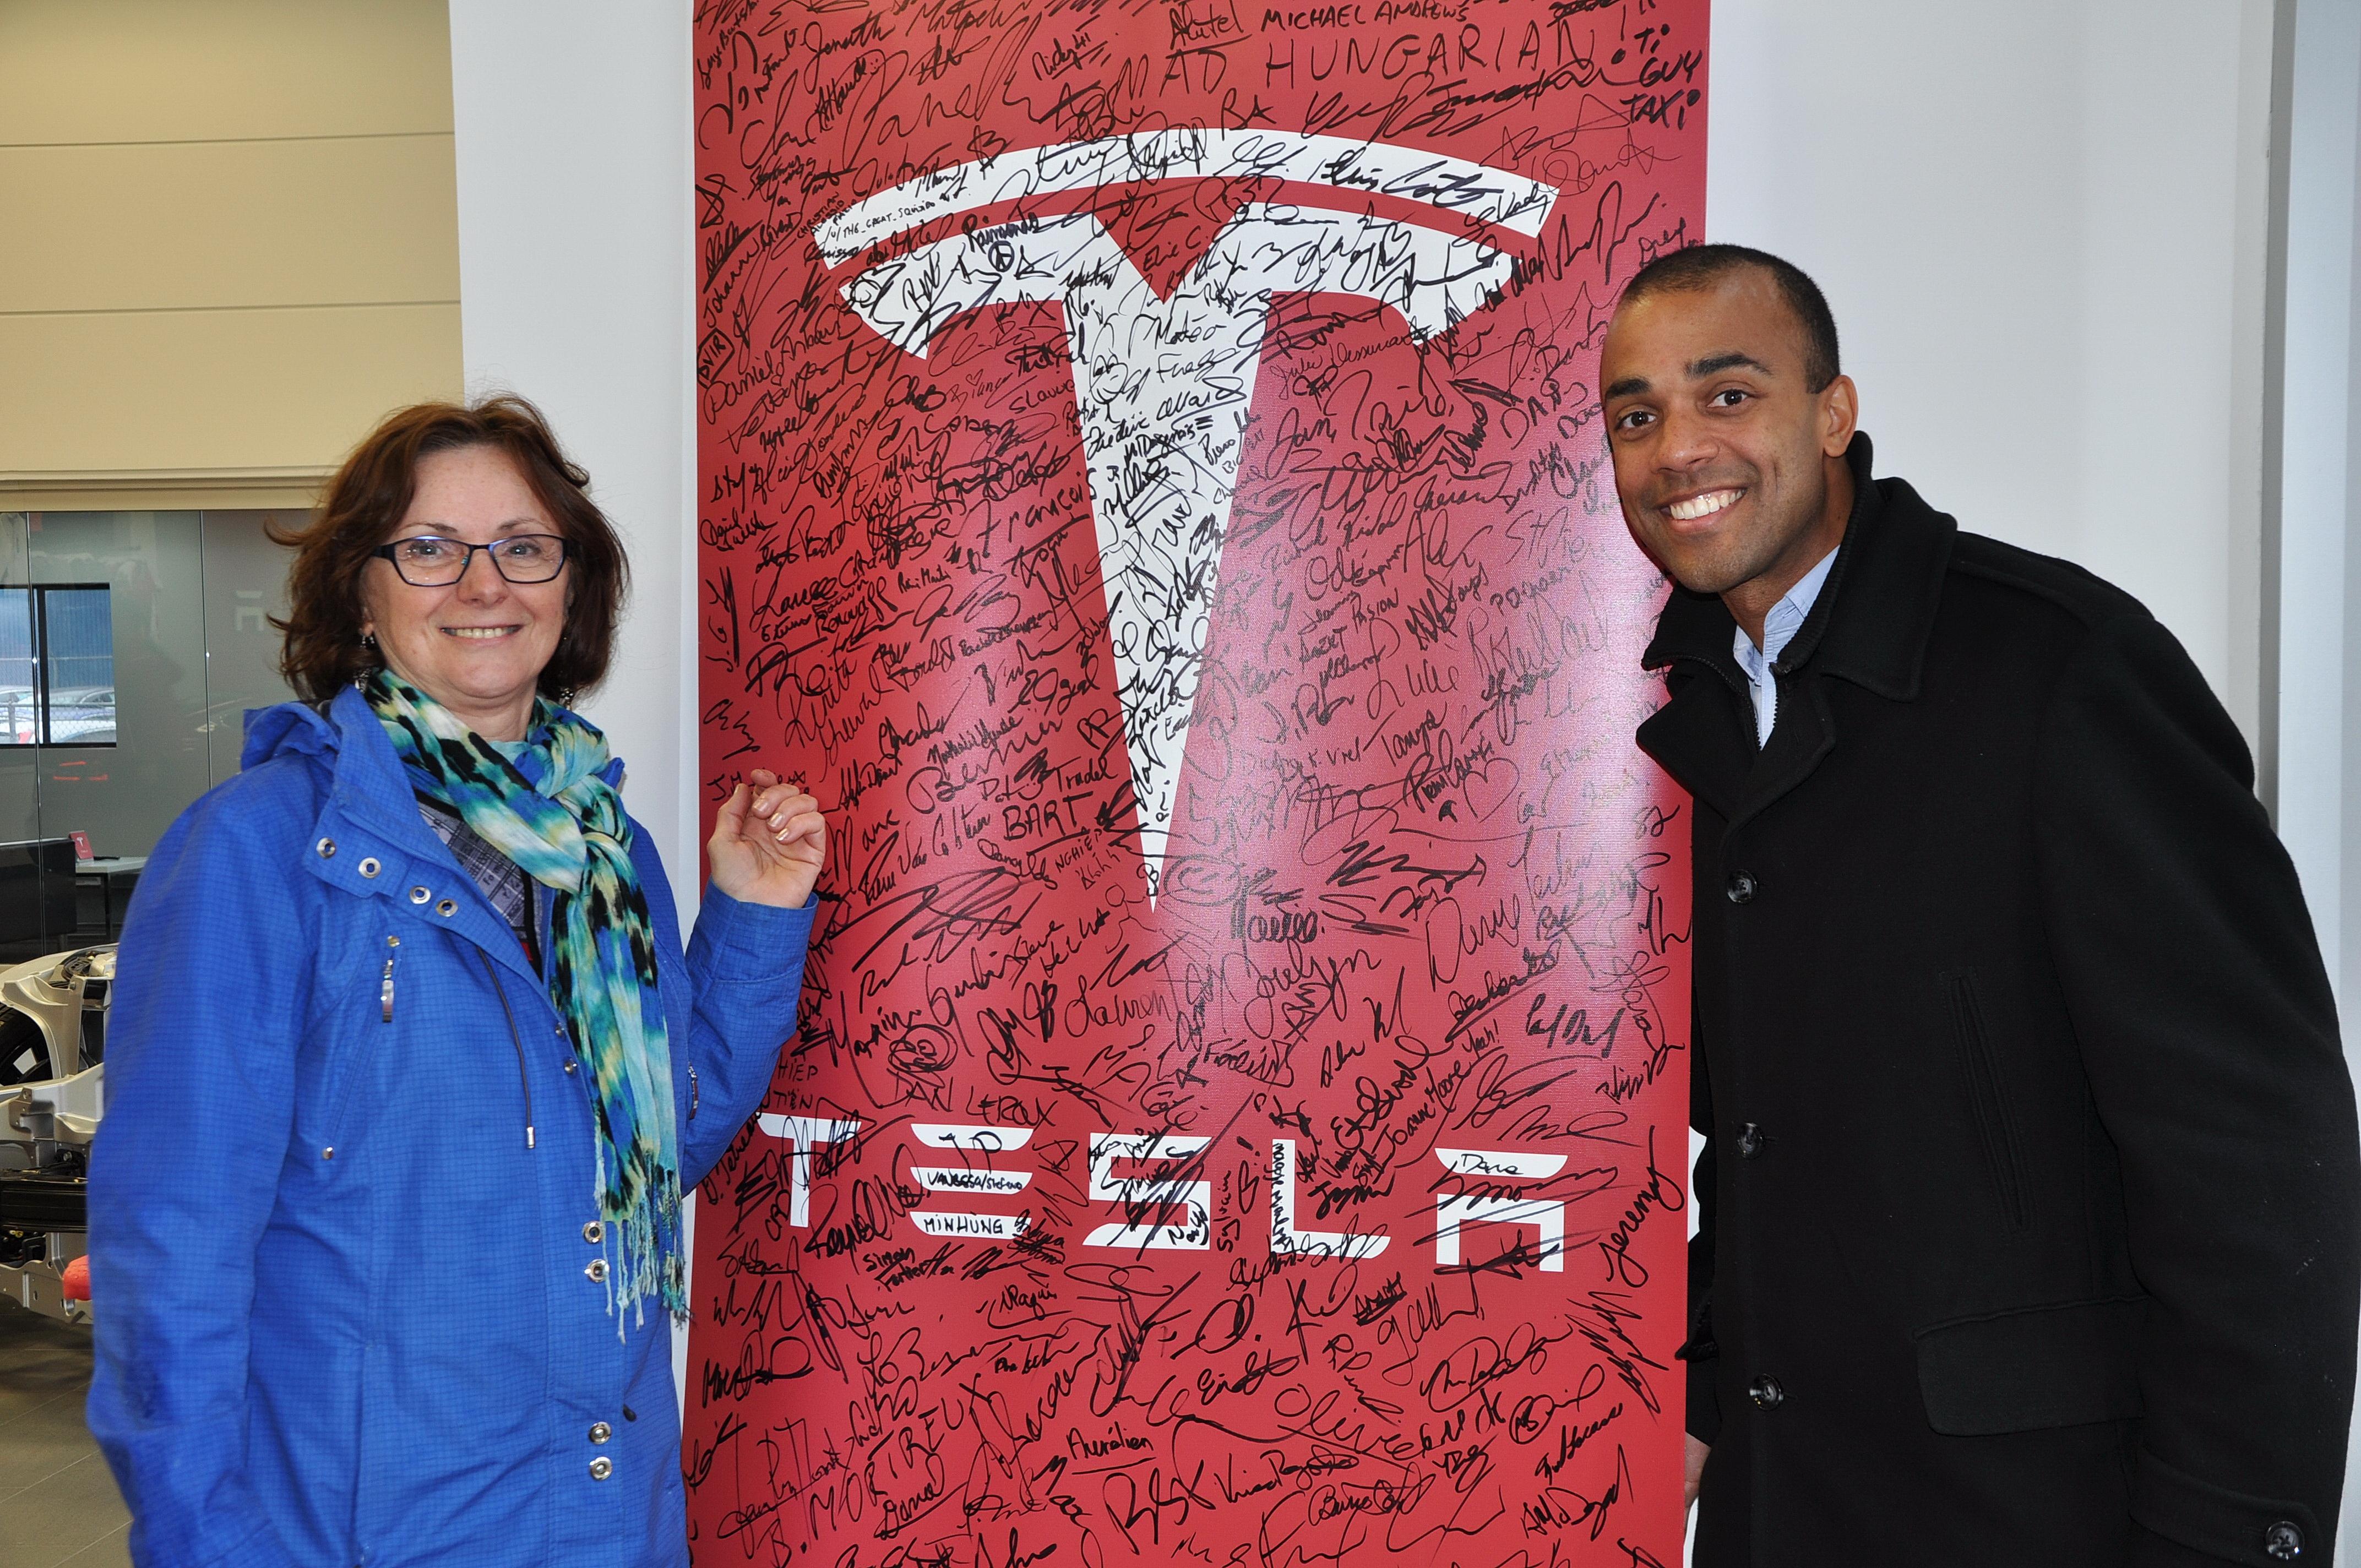 Marielle Théroux et son fils David, font à nouveau confiance au produit Tesla. Leurs signatures s'ajouteront aux centaines déjà inscrites en ce premier jour de commandes.